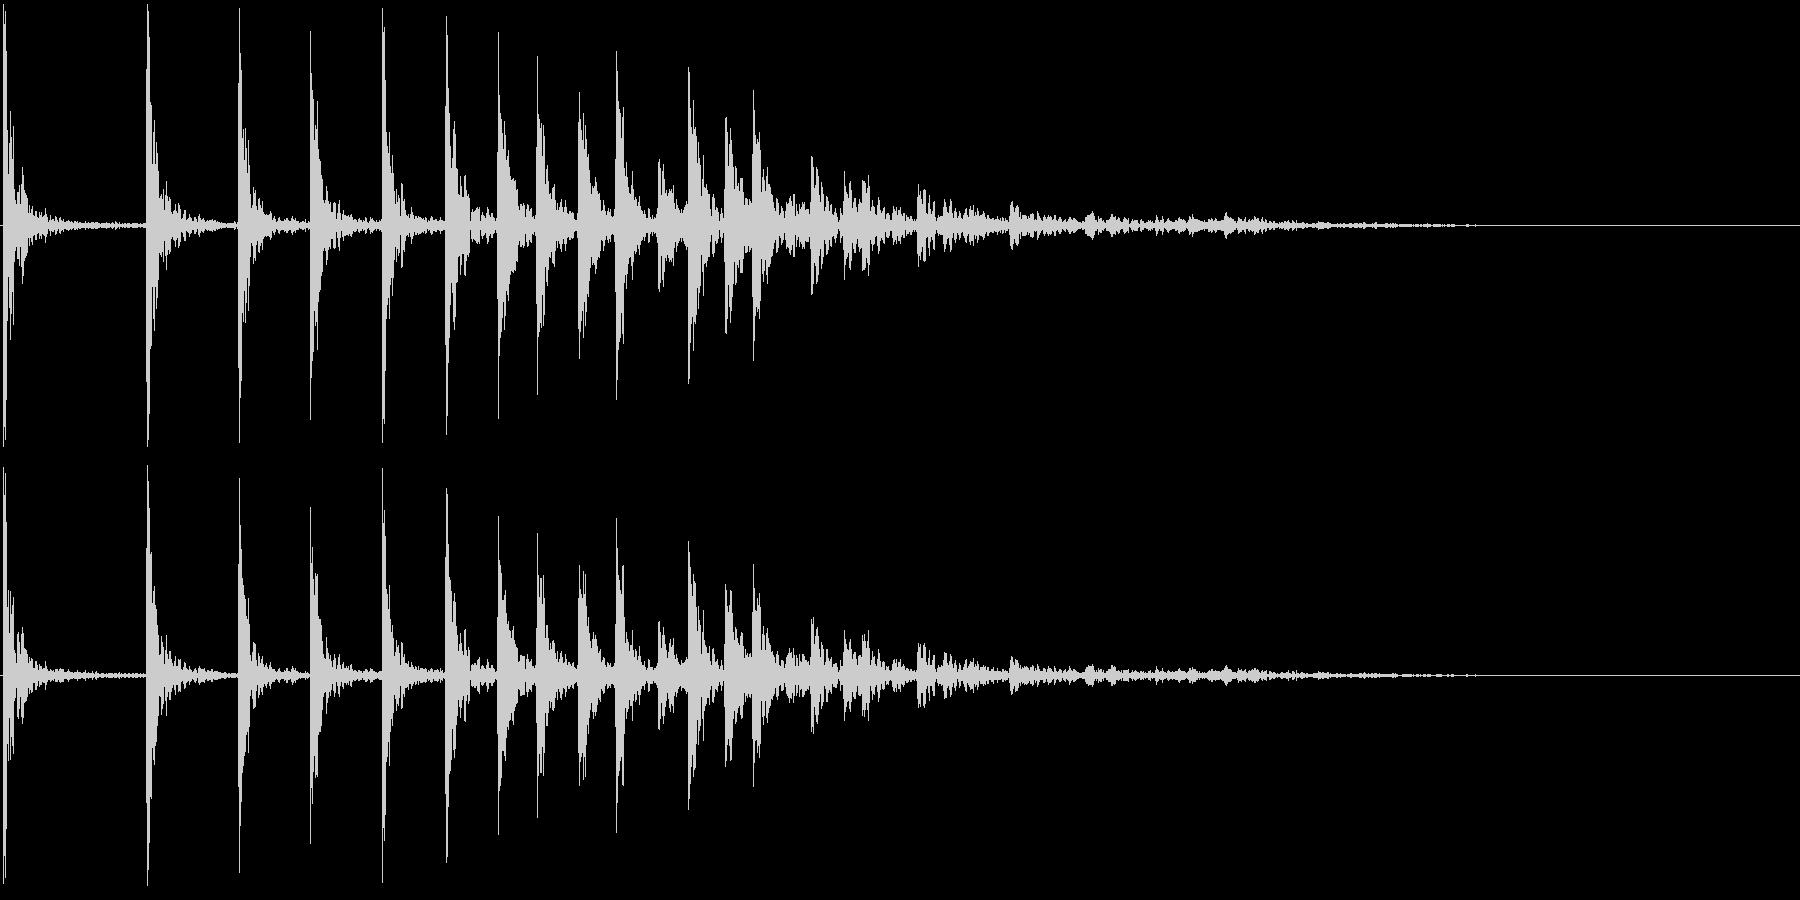 低音:バウンスアクセント、漫画コメ...の未再生の波形